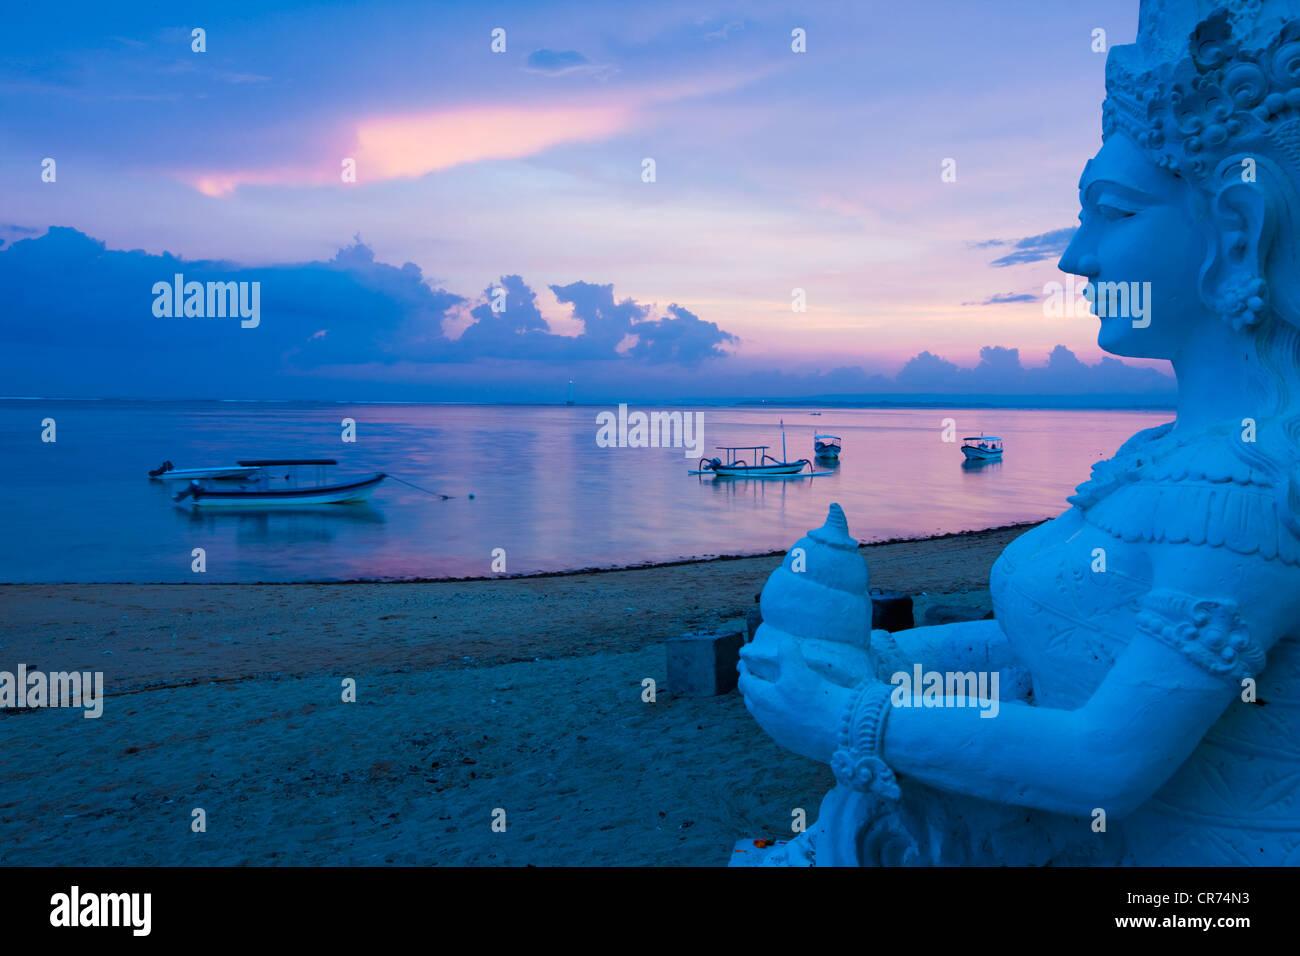 Indonesia, Bali, Sanur, Estatua con el mar de fondo al atardecer Imagen De Stock